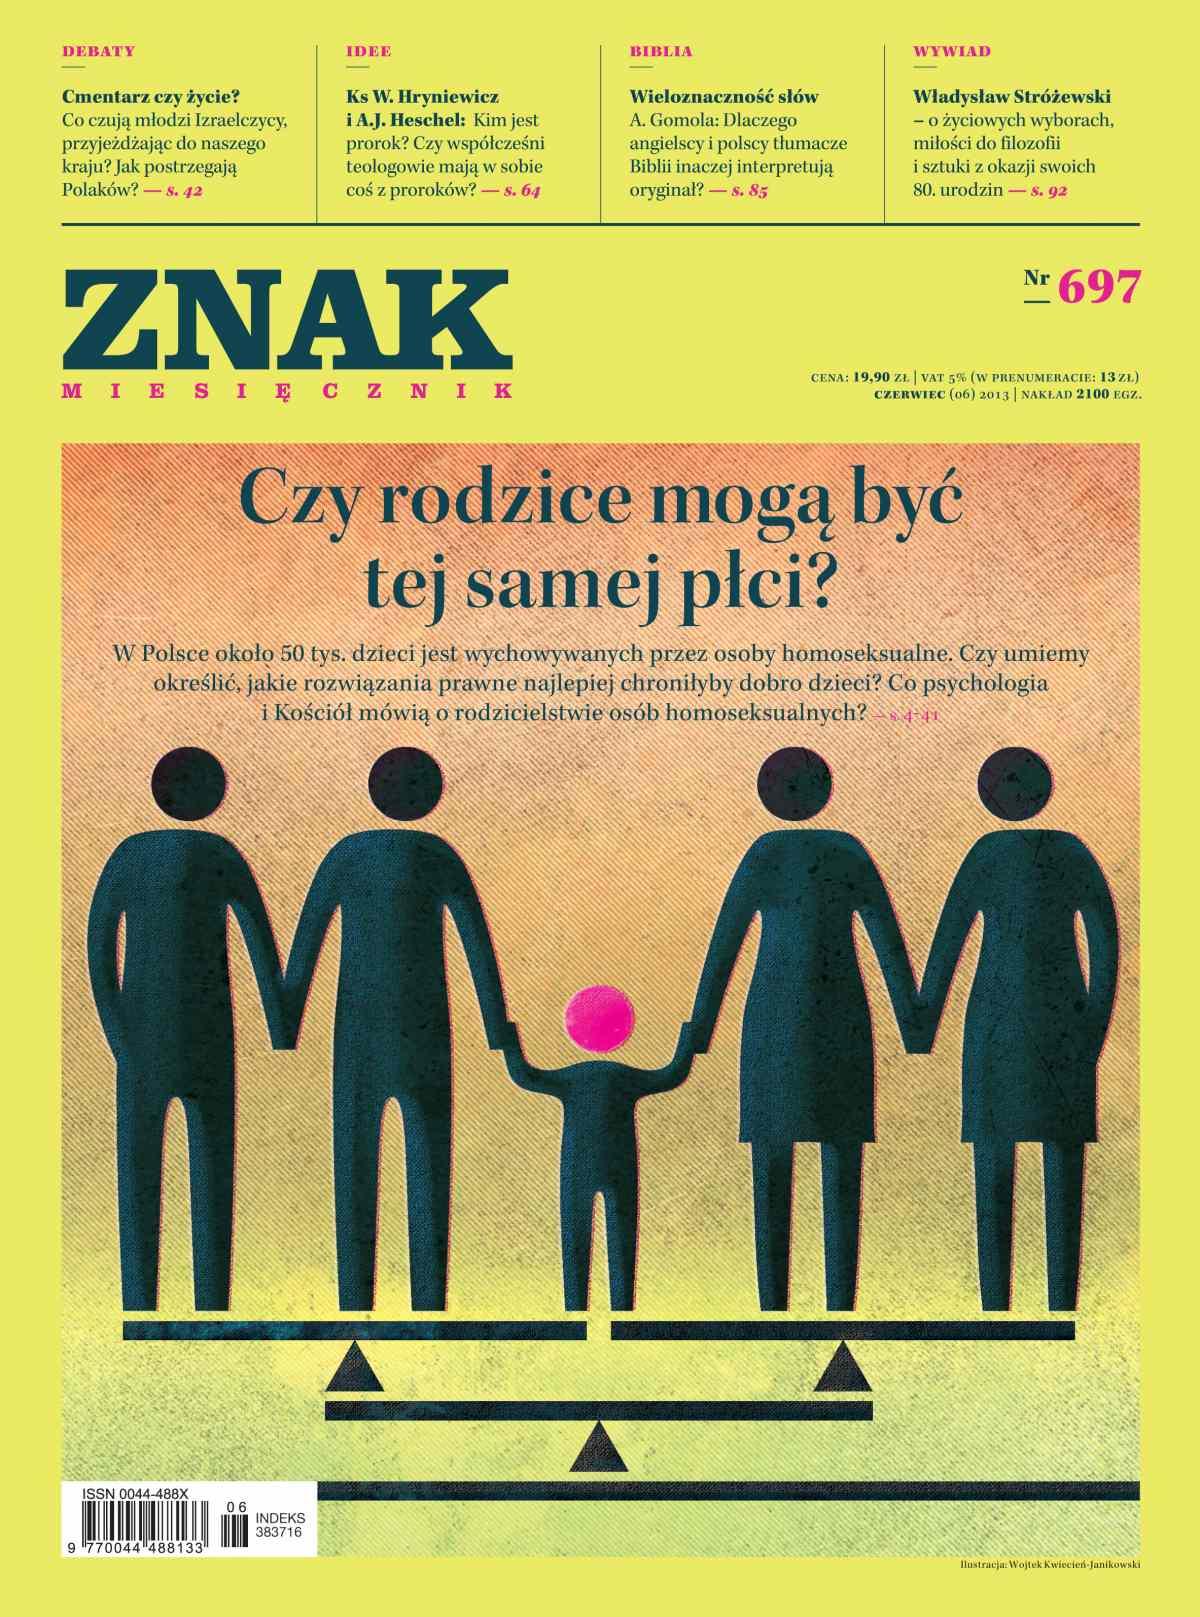 Miesięcznik Znak. Czerwiec 2013 - Ebook (Książka EPUB) do pobrania w formacie EPUB